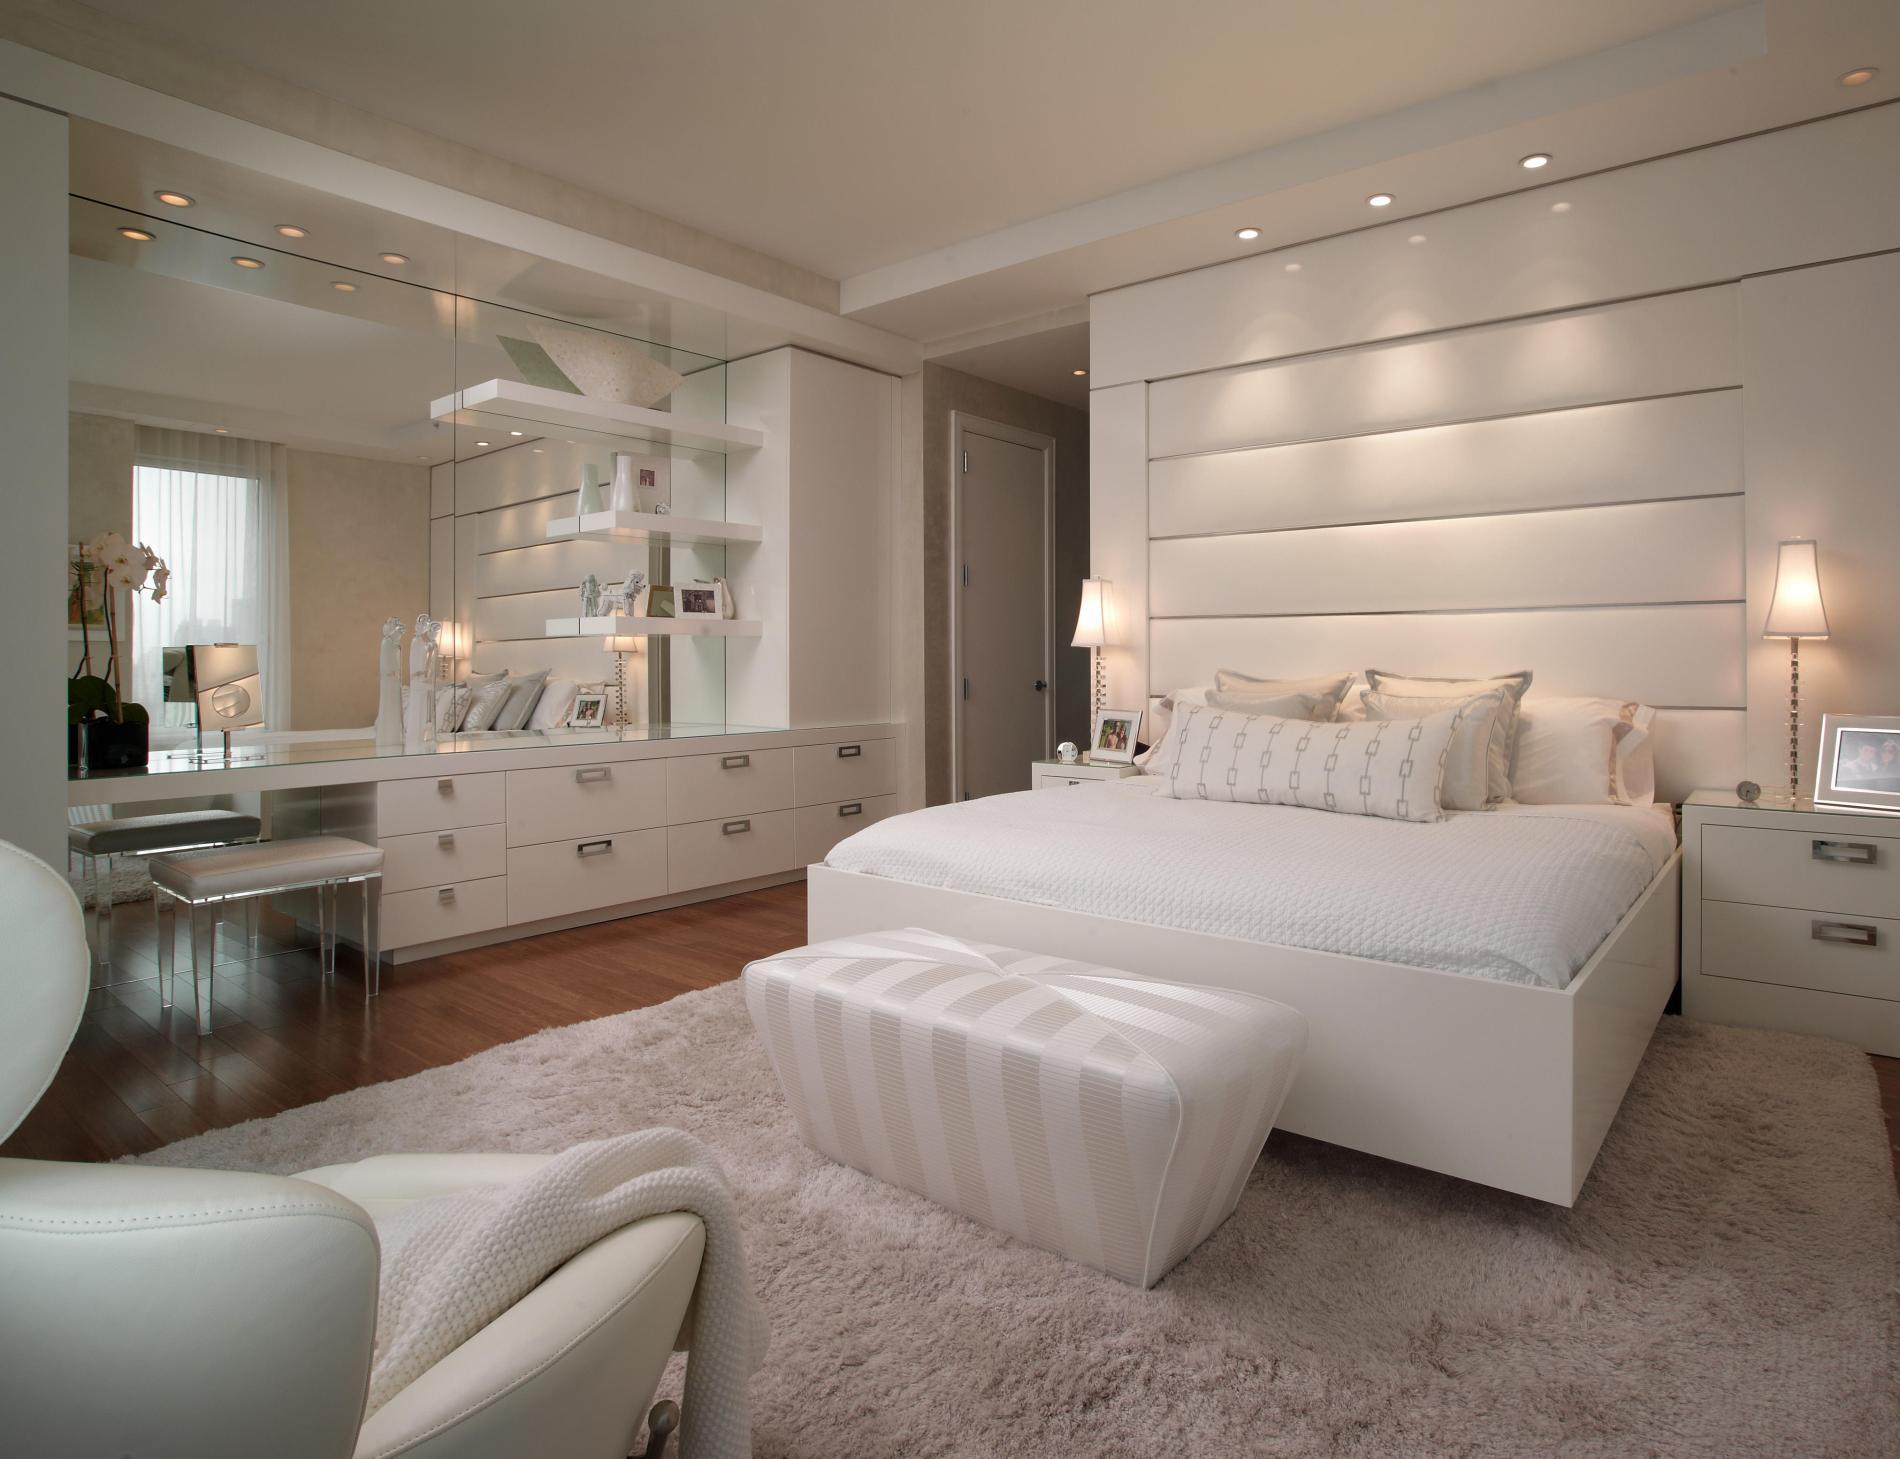 дизайн интерьера белой спальни.jpg